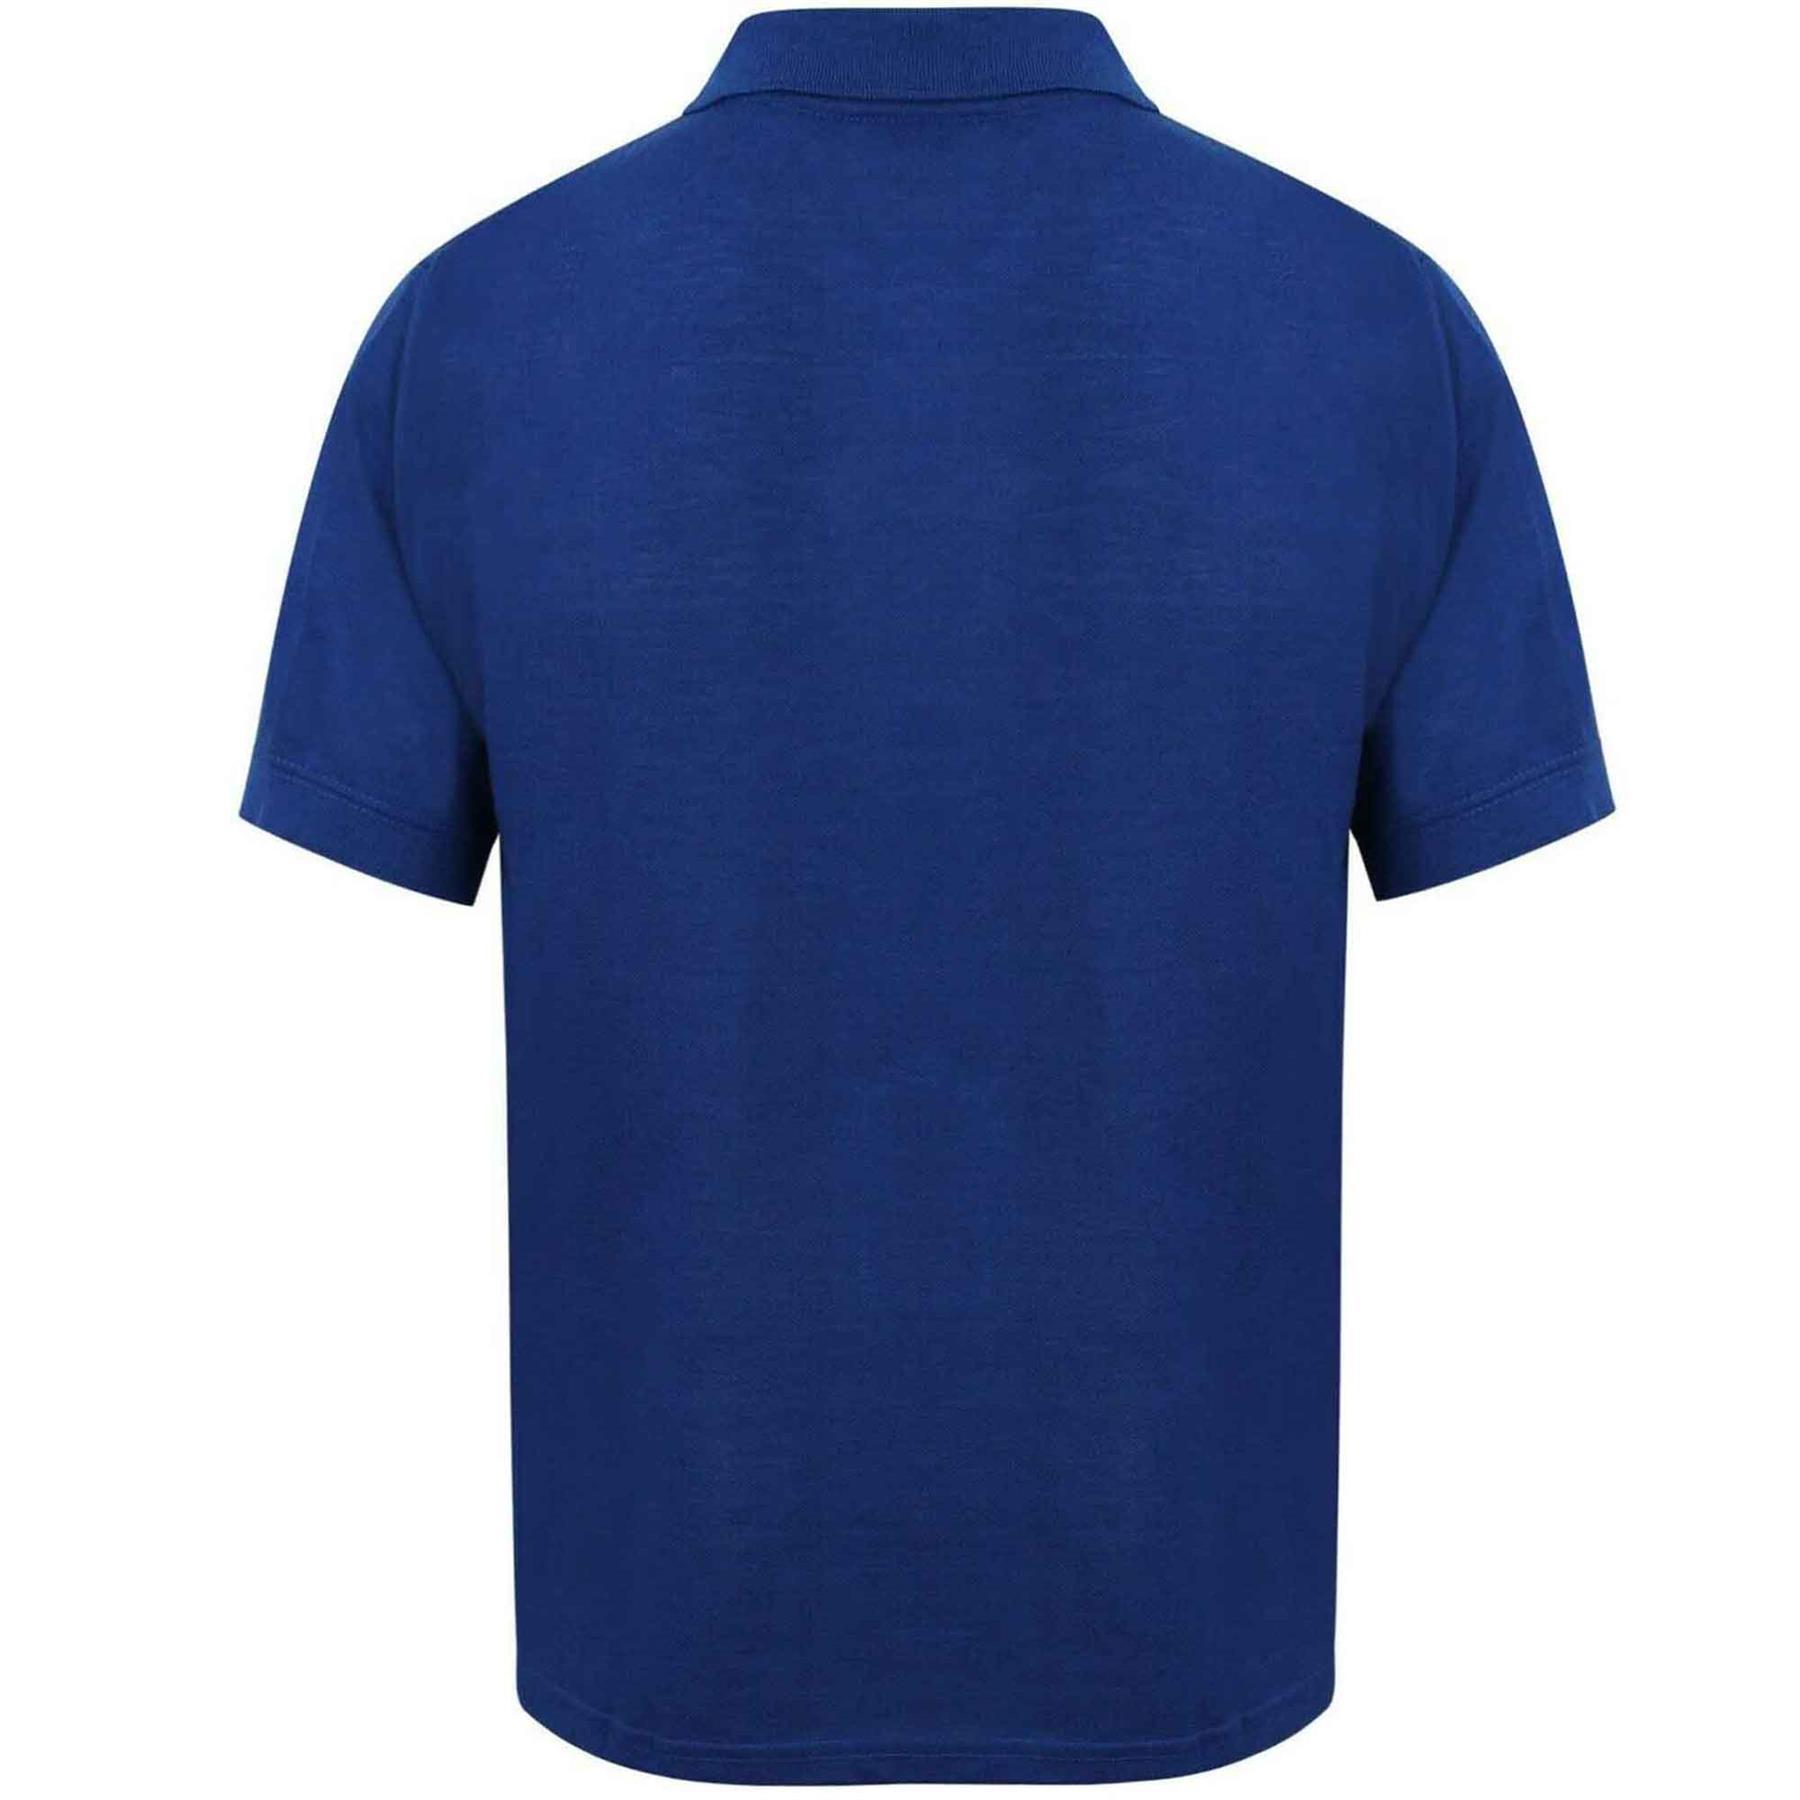 Indexbild 54 - Herren Polohemd Freizeit T-Shirts Neu Schlicht Kurzärmeliges Regular Fit